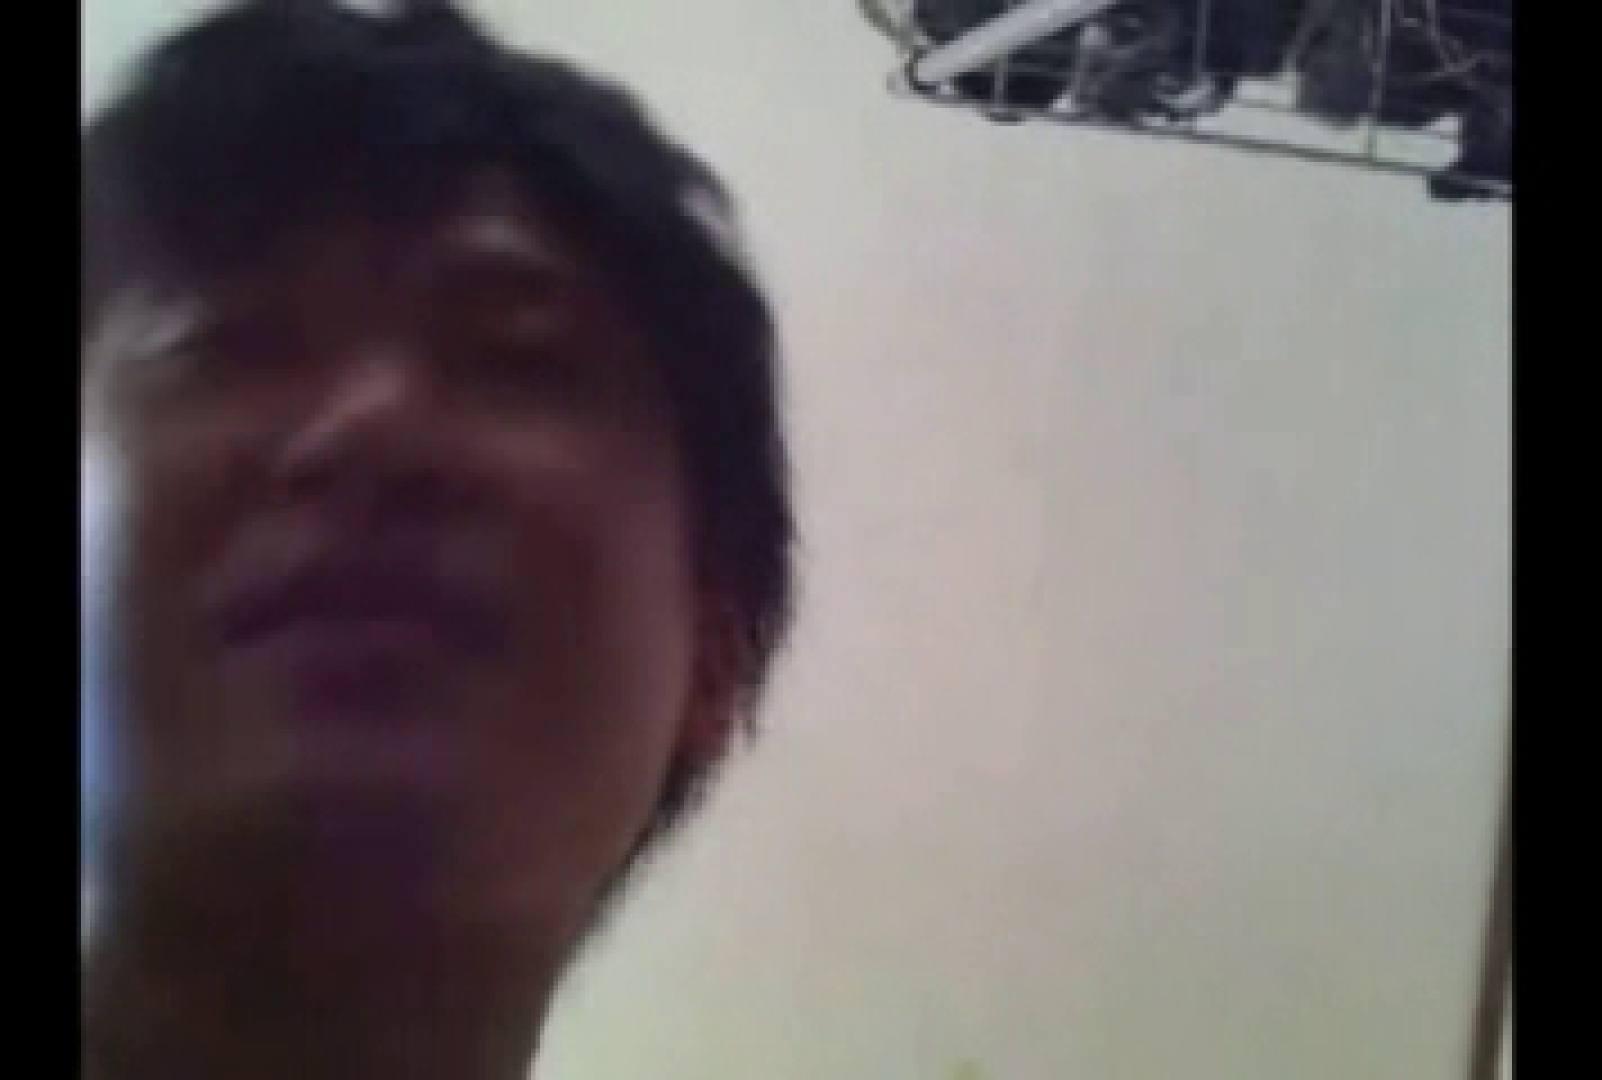 流出マル秘ファイル!ライブオナニー!!File.17 投稿シリーズ ゲイアダルト画像 109連発 9